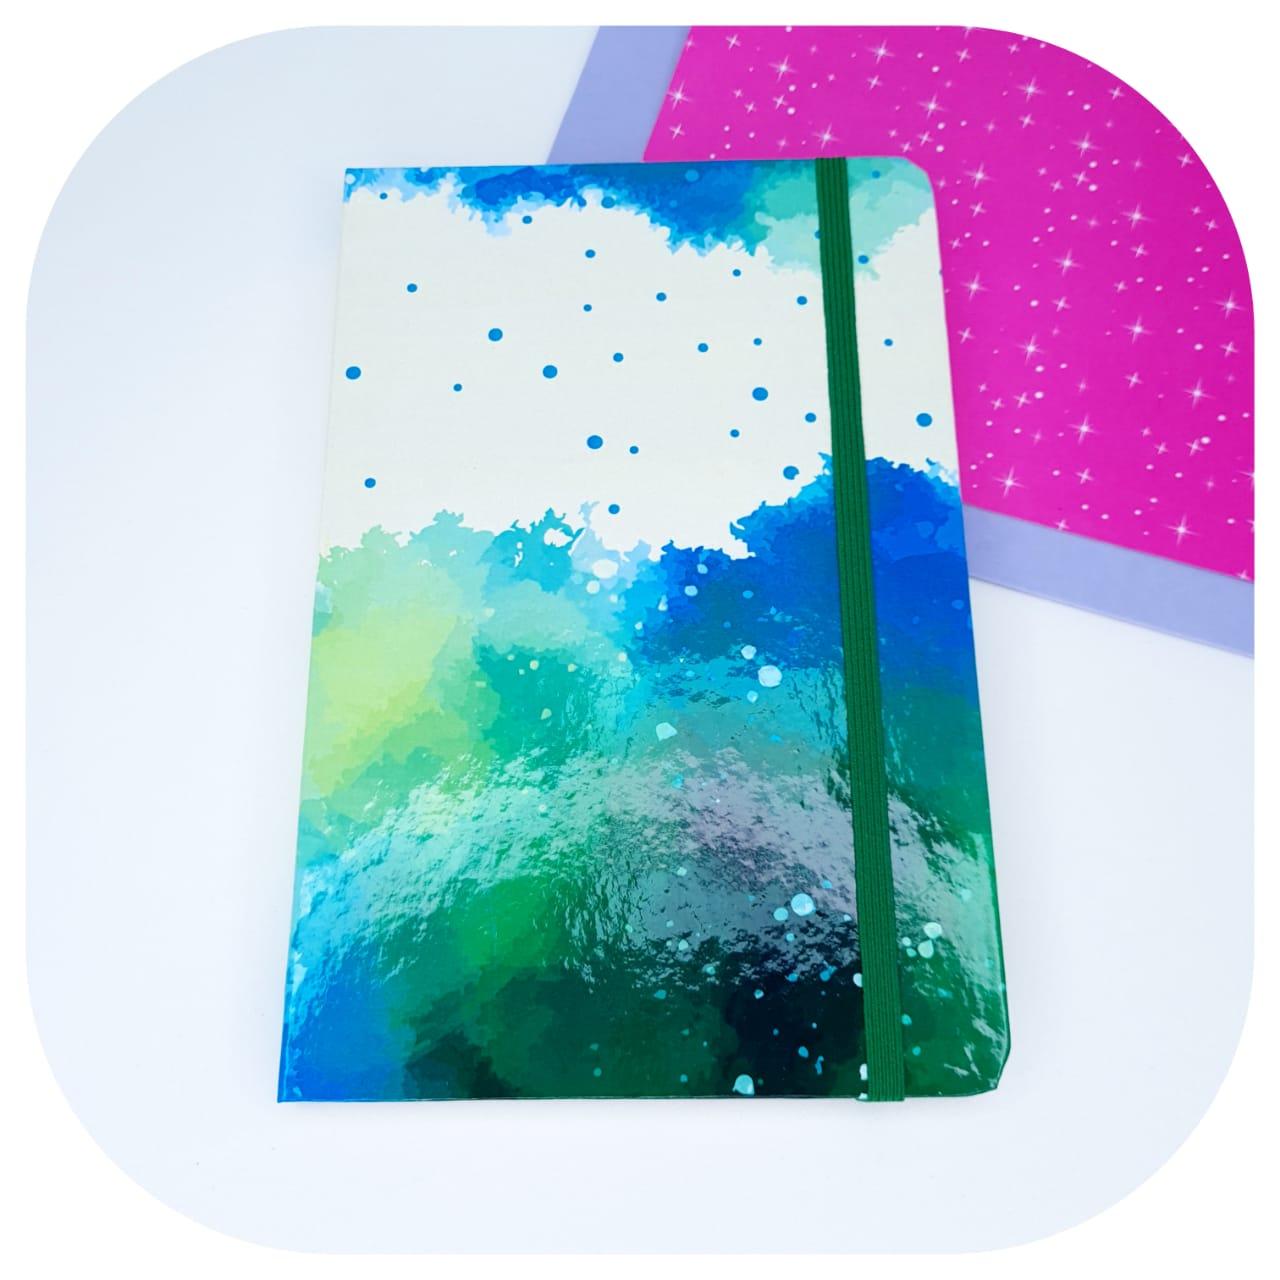 Caderno Pontilhado - Capa Aquarela